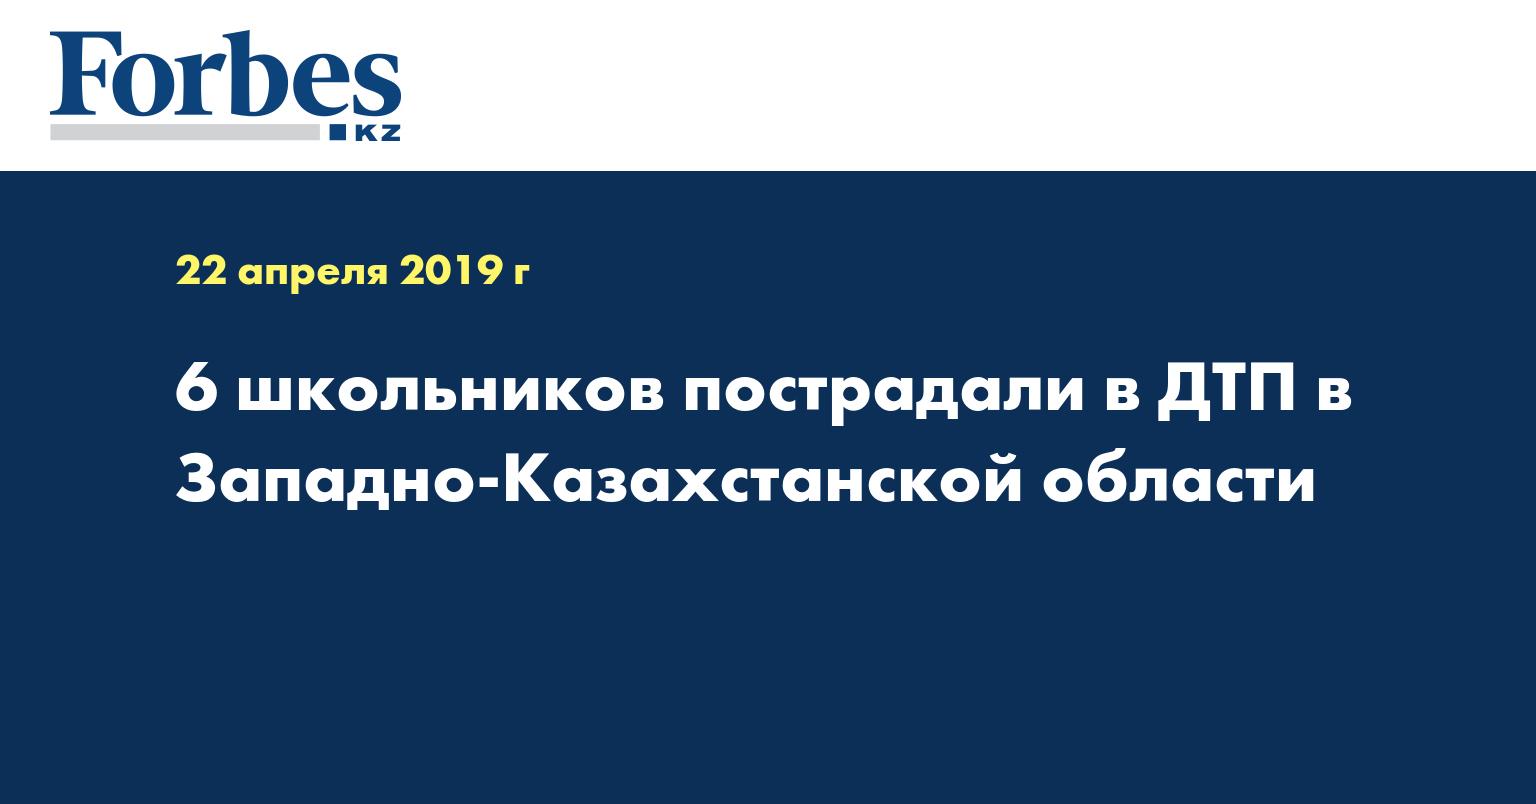 6 школьников пострадали в ДТП в Западно-Казахстанской области